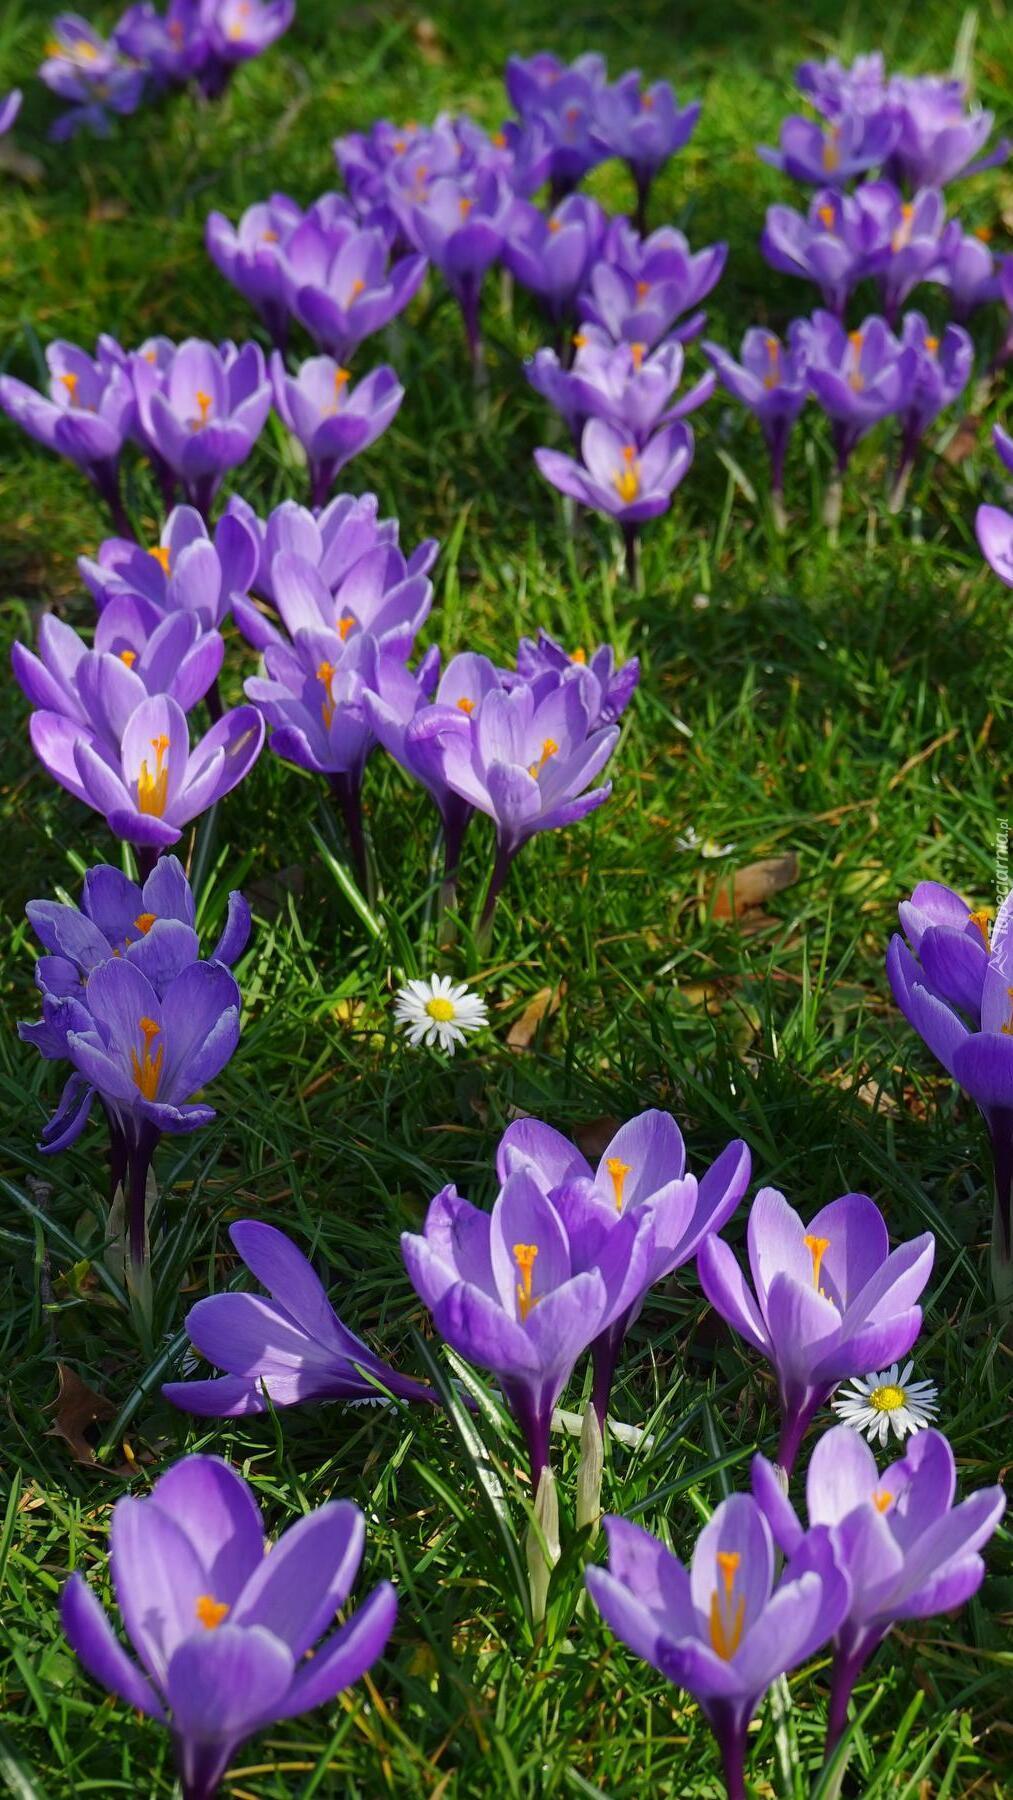 Fioletowe krokusy w trawie